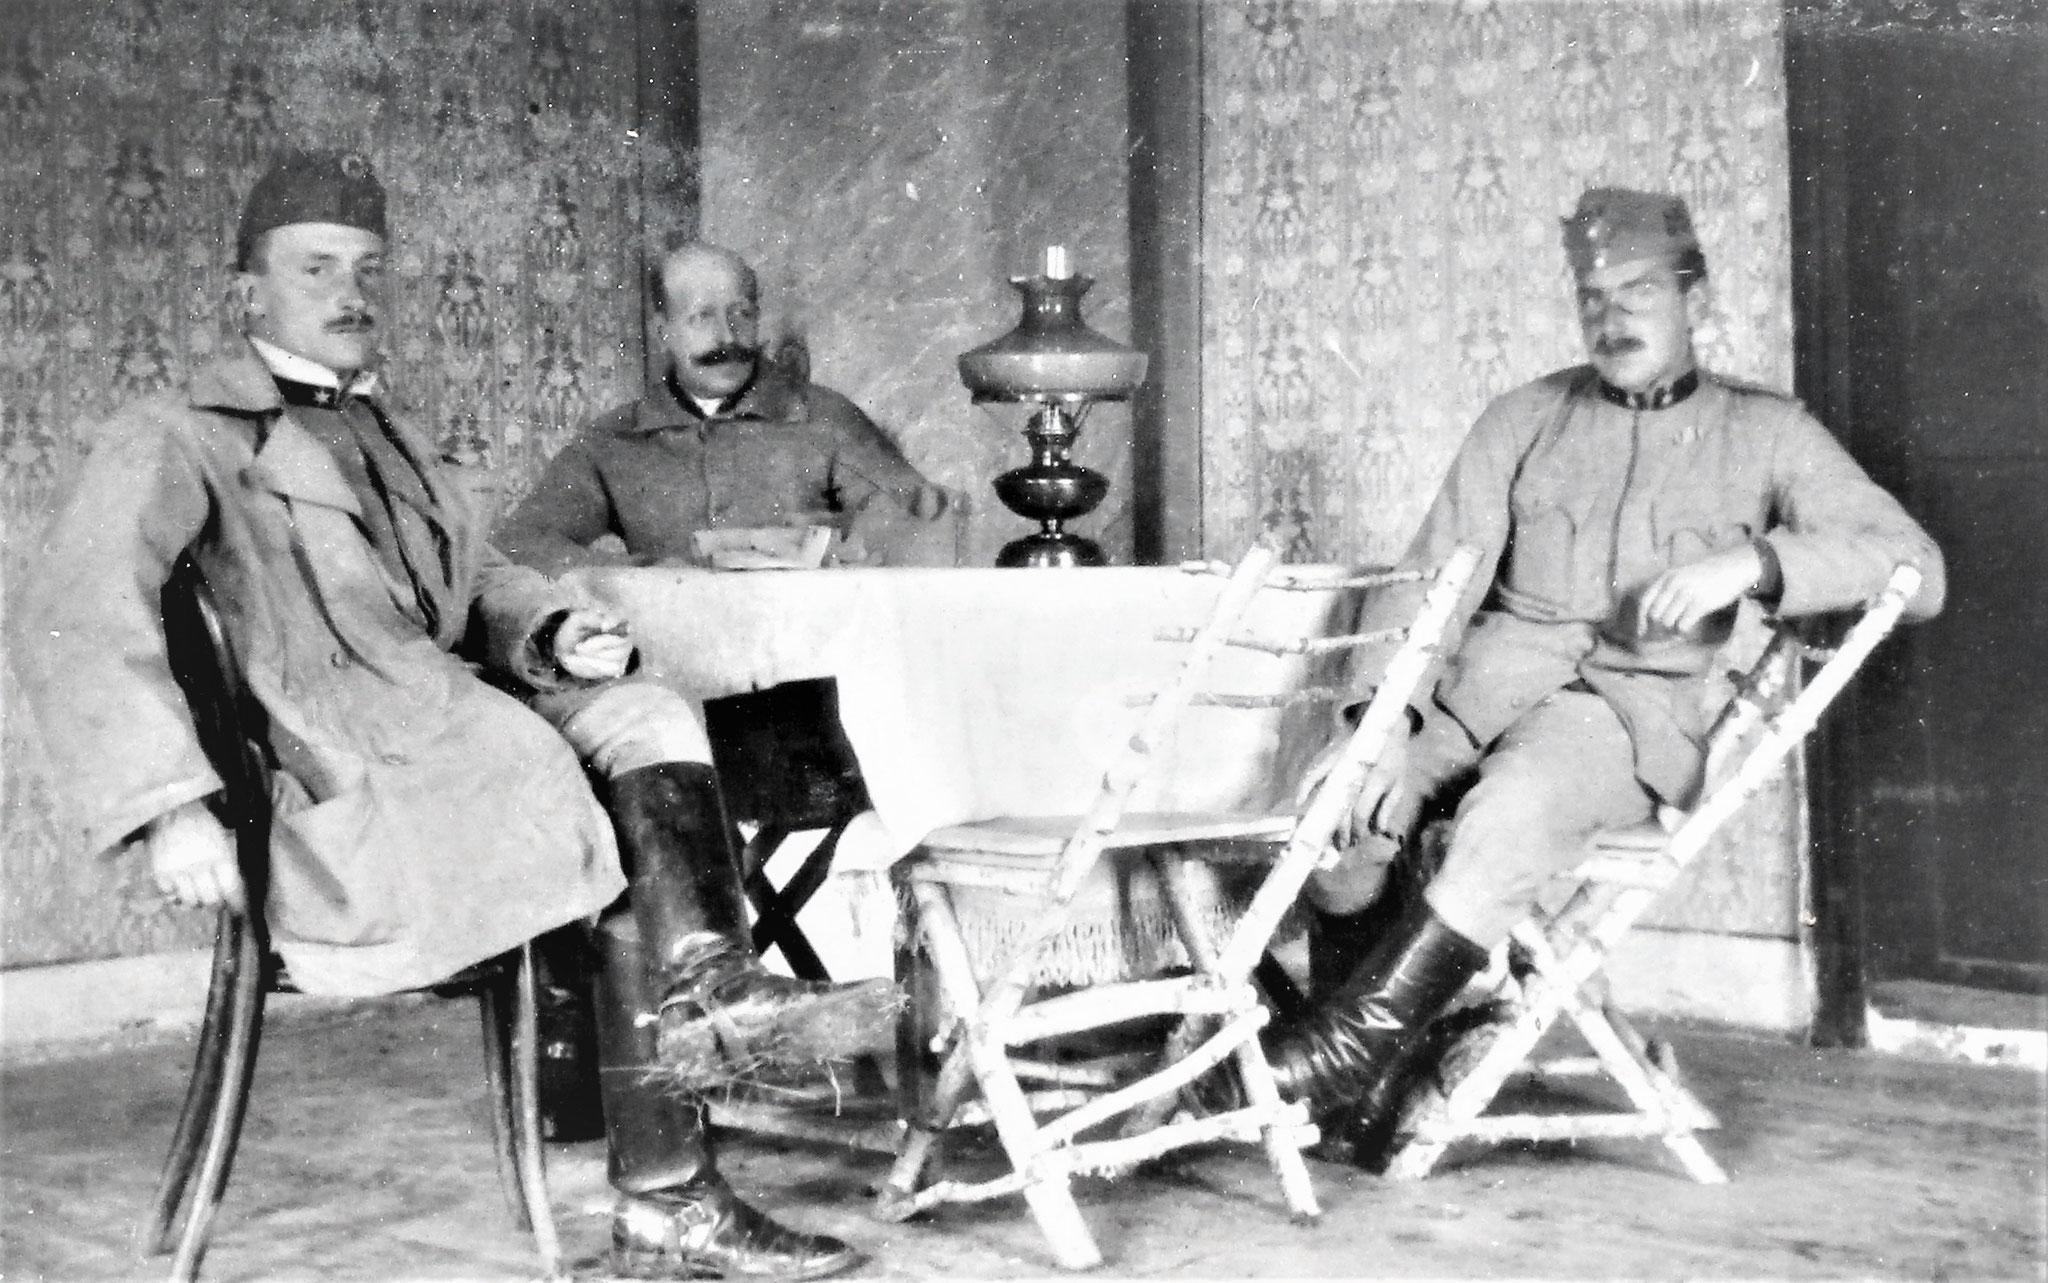 Czernelica, Herbst 1915, im Speisezimmer mit Zenone, Kriegsfreiw. Alfred Ritt. Pfersmann v. Eichthal (früher Rtm bei HR 15, gefallen 1916).